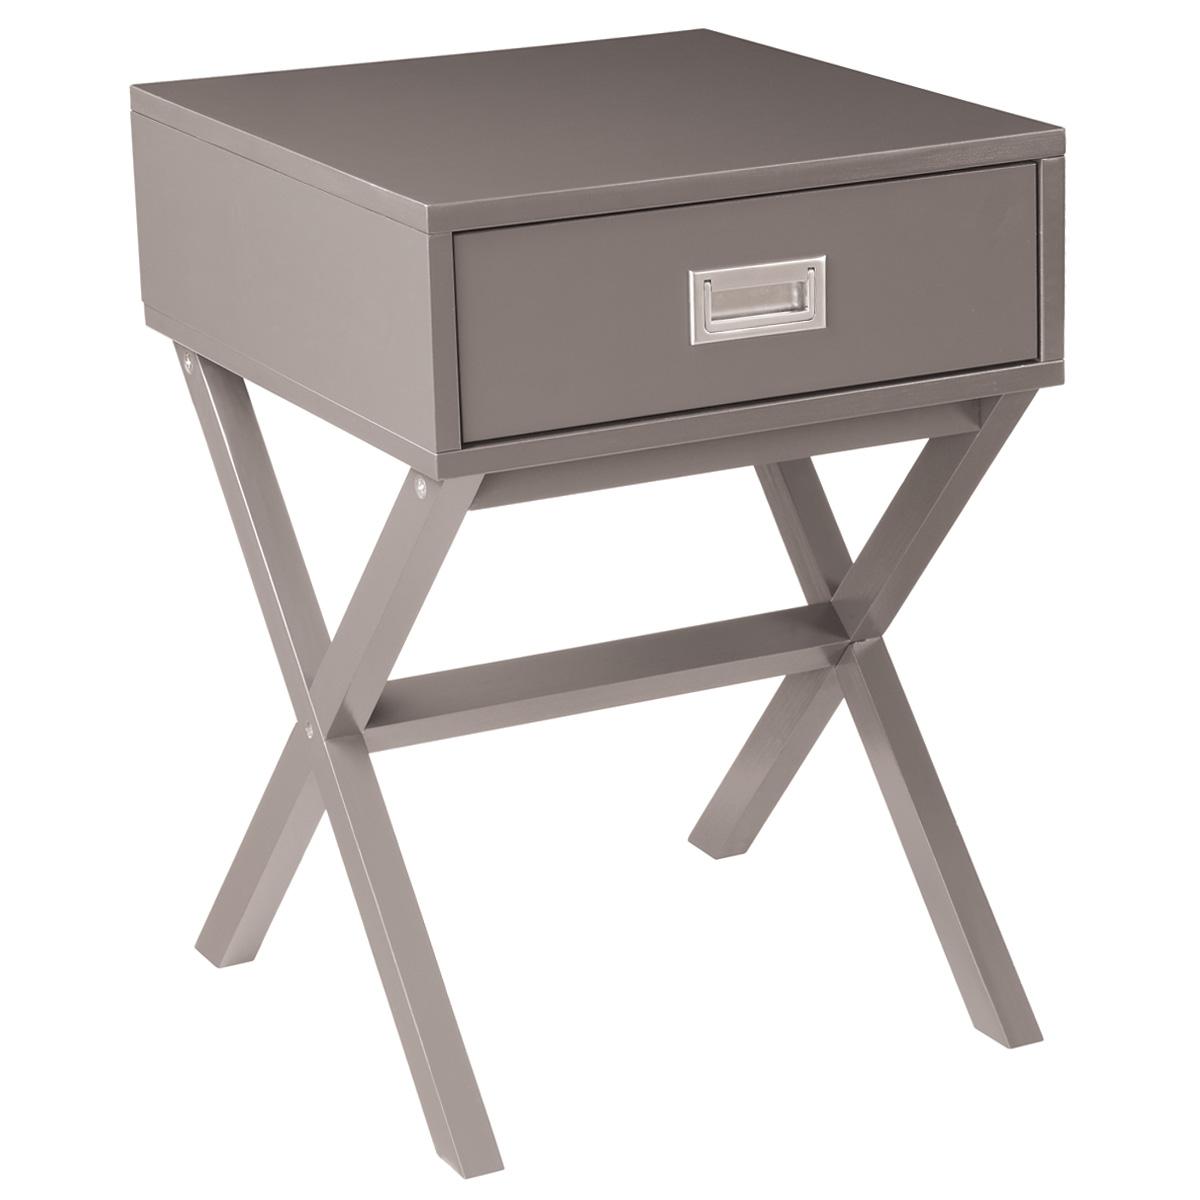 Diy Mdf Furniture. Charles Bentley Retro Side Table Bedside